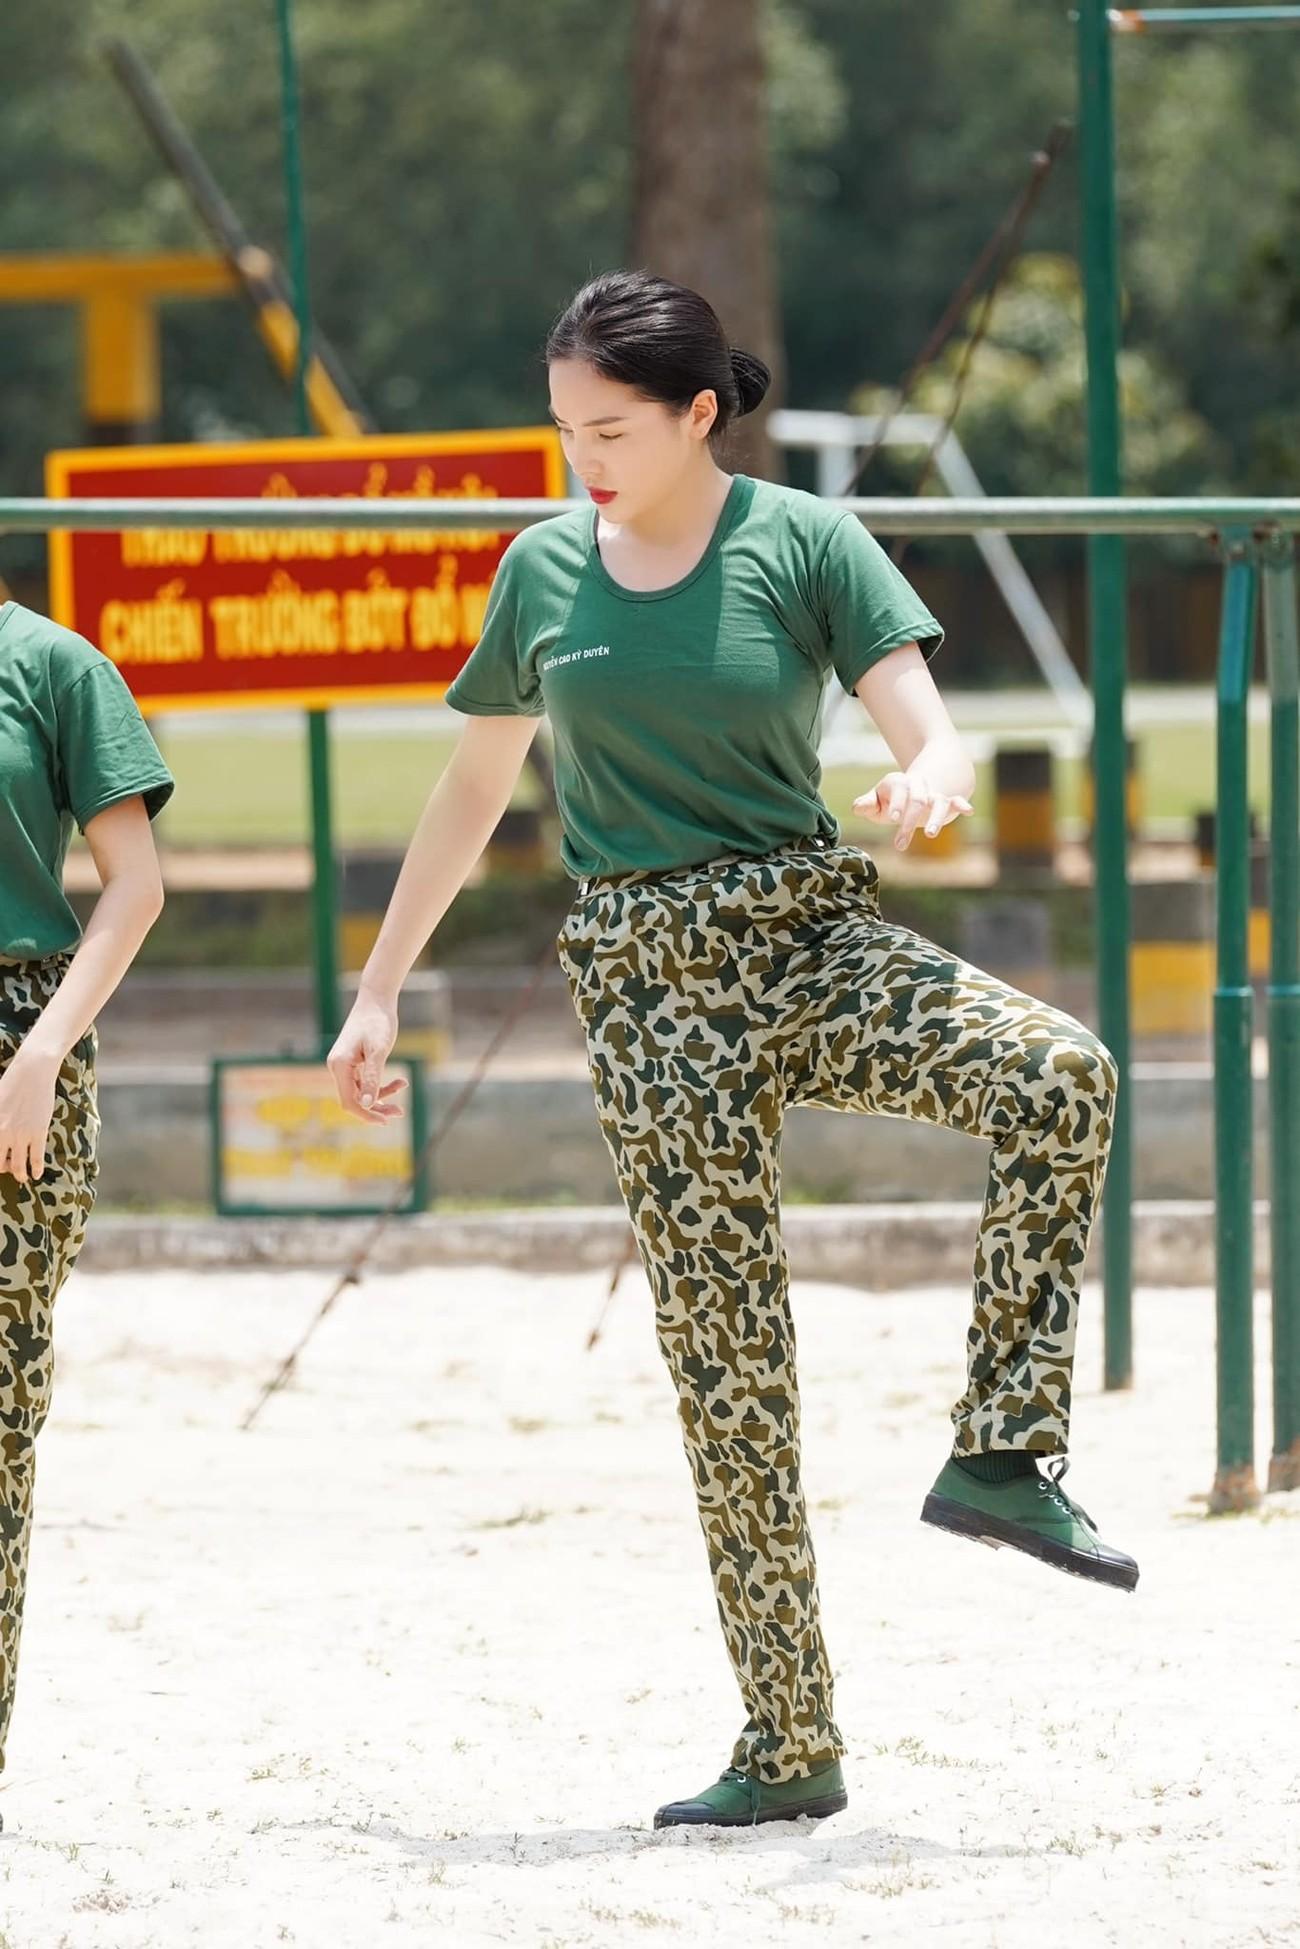 Hoa hậu Thuỳ Dung tái xuất xinh đẹp, Lương Thuỳ Linh diện áo dài đính kết lạ mắt ảnh 7